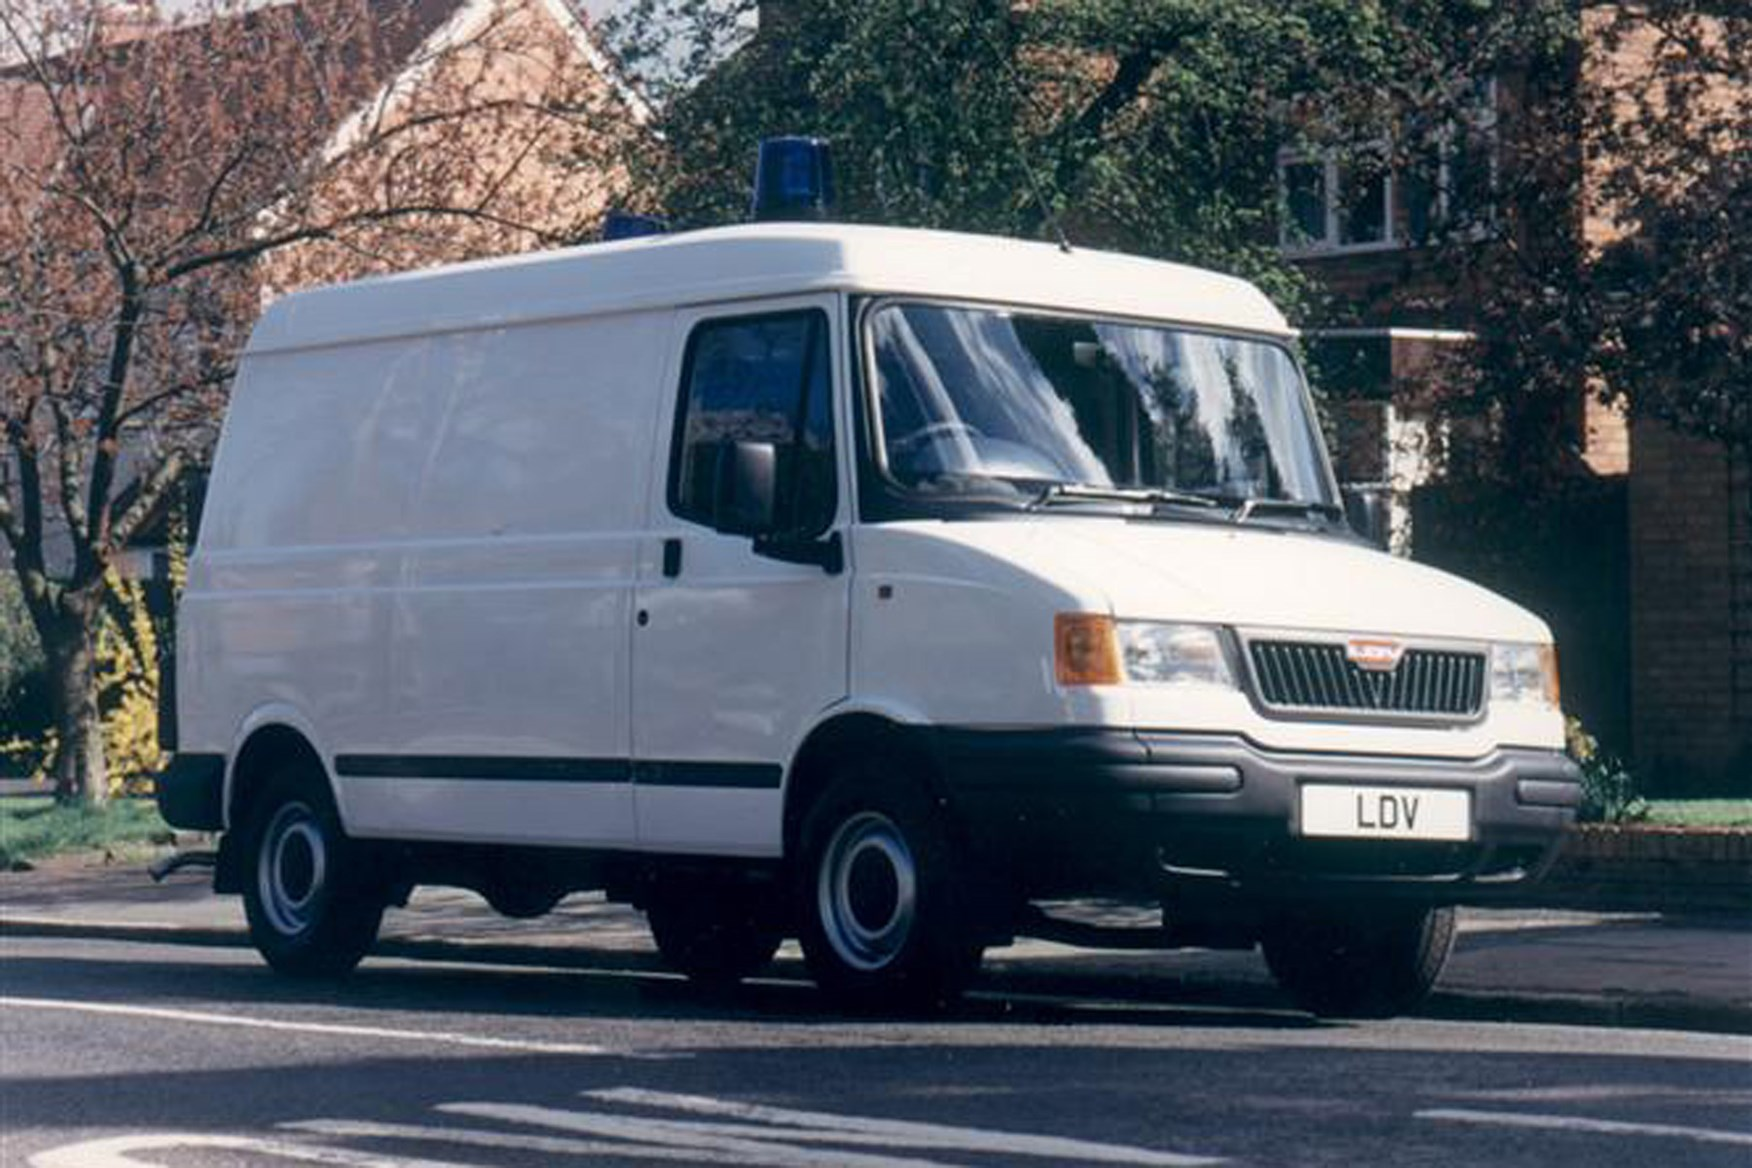 LDV Pilot review on Parkers Vans - front exterior